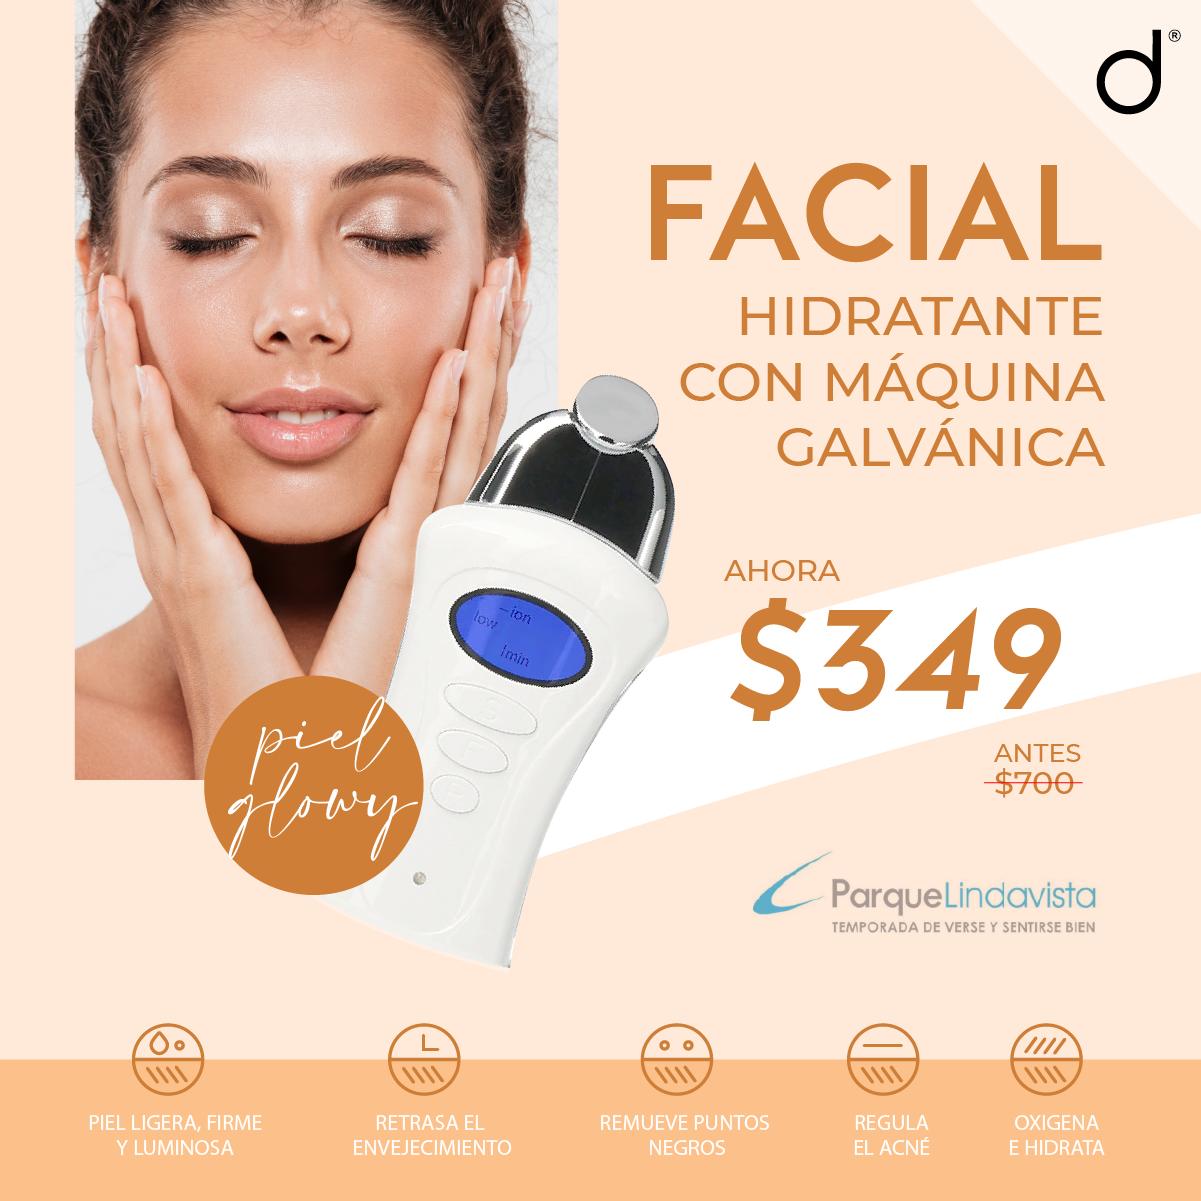 Facial Hidratante con Máquina de Galvánica- SÓLO PARQUE LINDAVISTA&w=900&h=900&fit=crop